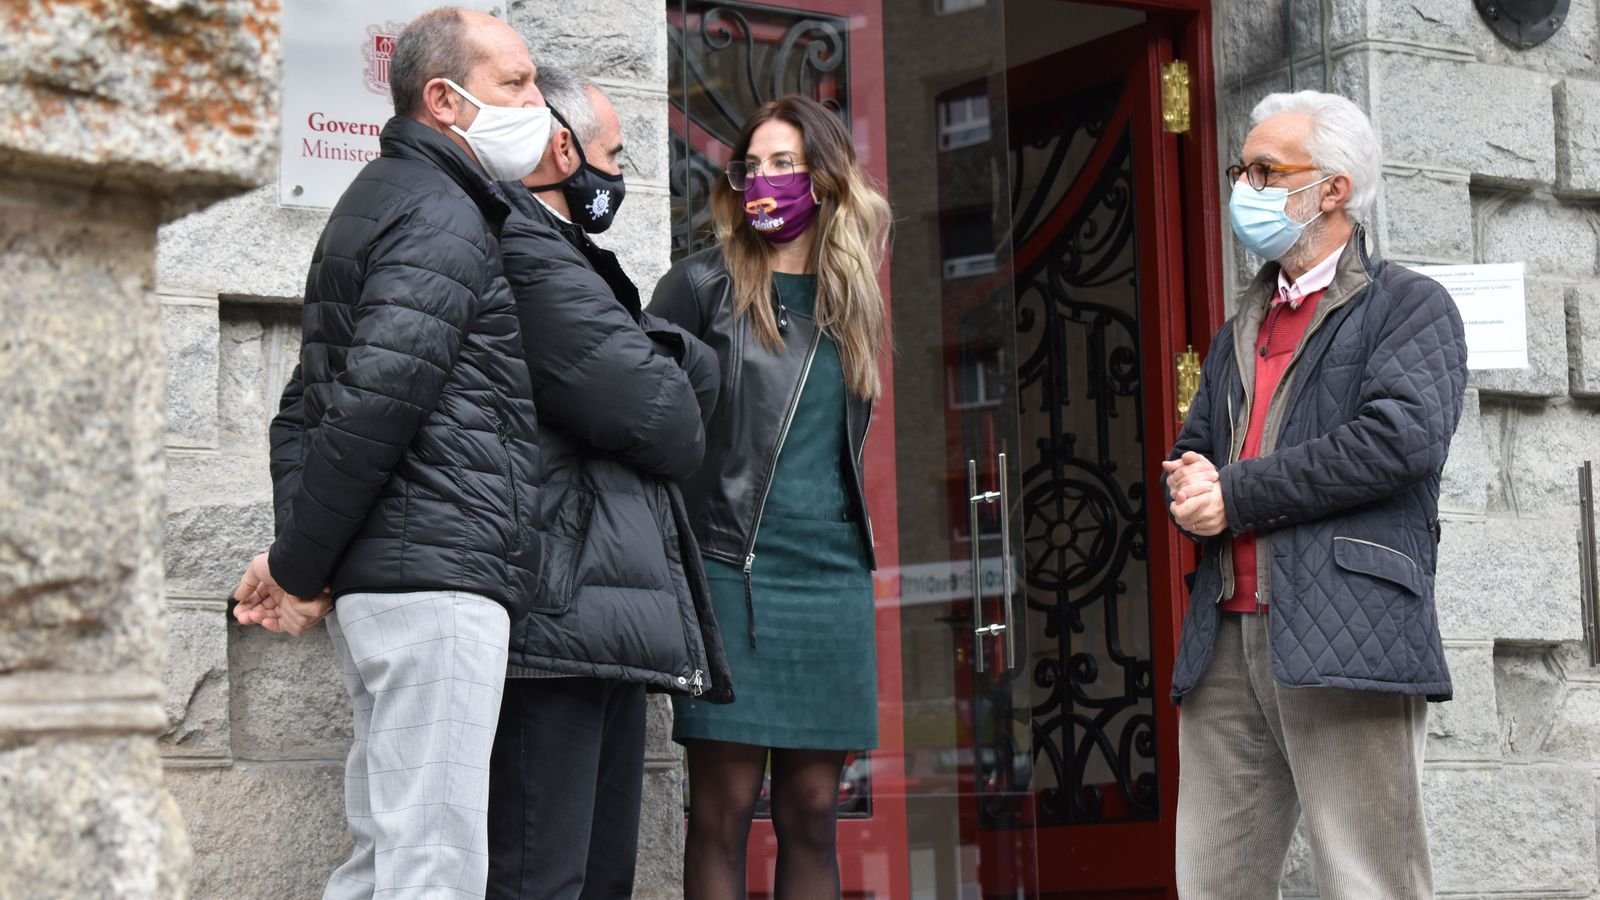 La ministra de Cultura i Esports, Sílvia Riva, juntament amb representants del CAP a les portes del ministeri de Cultura. / M. P. (ANA)